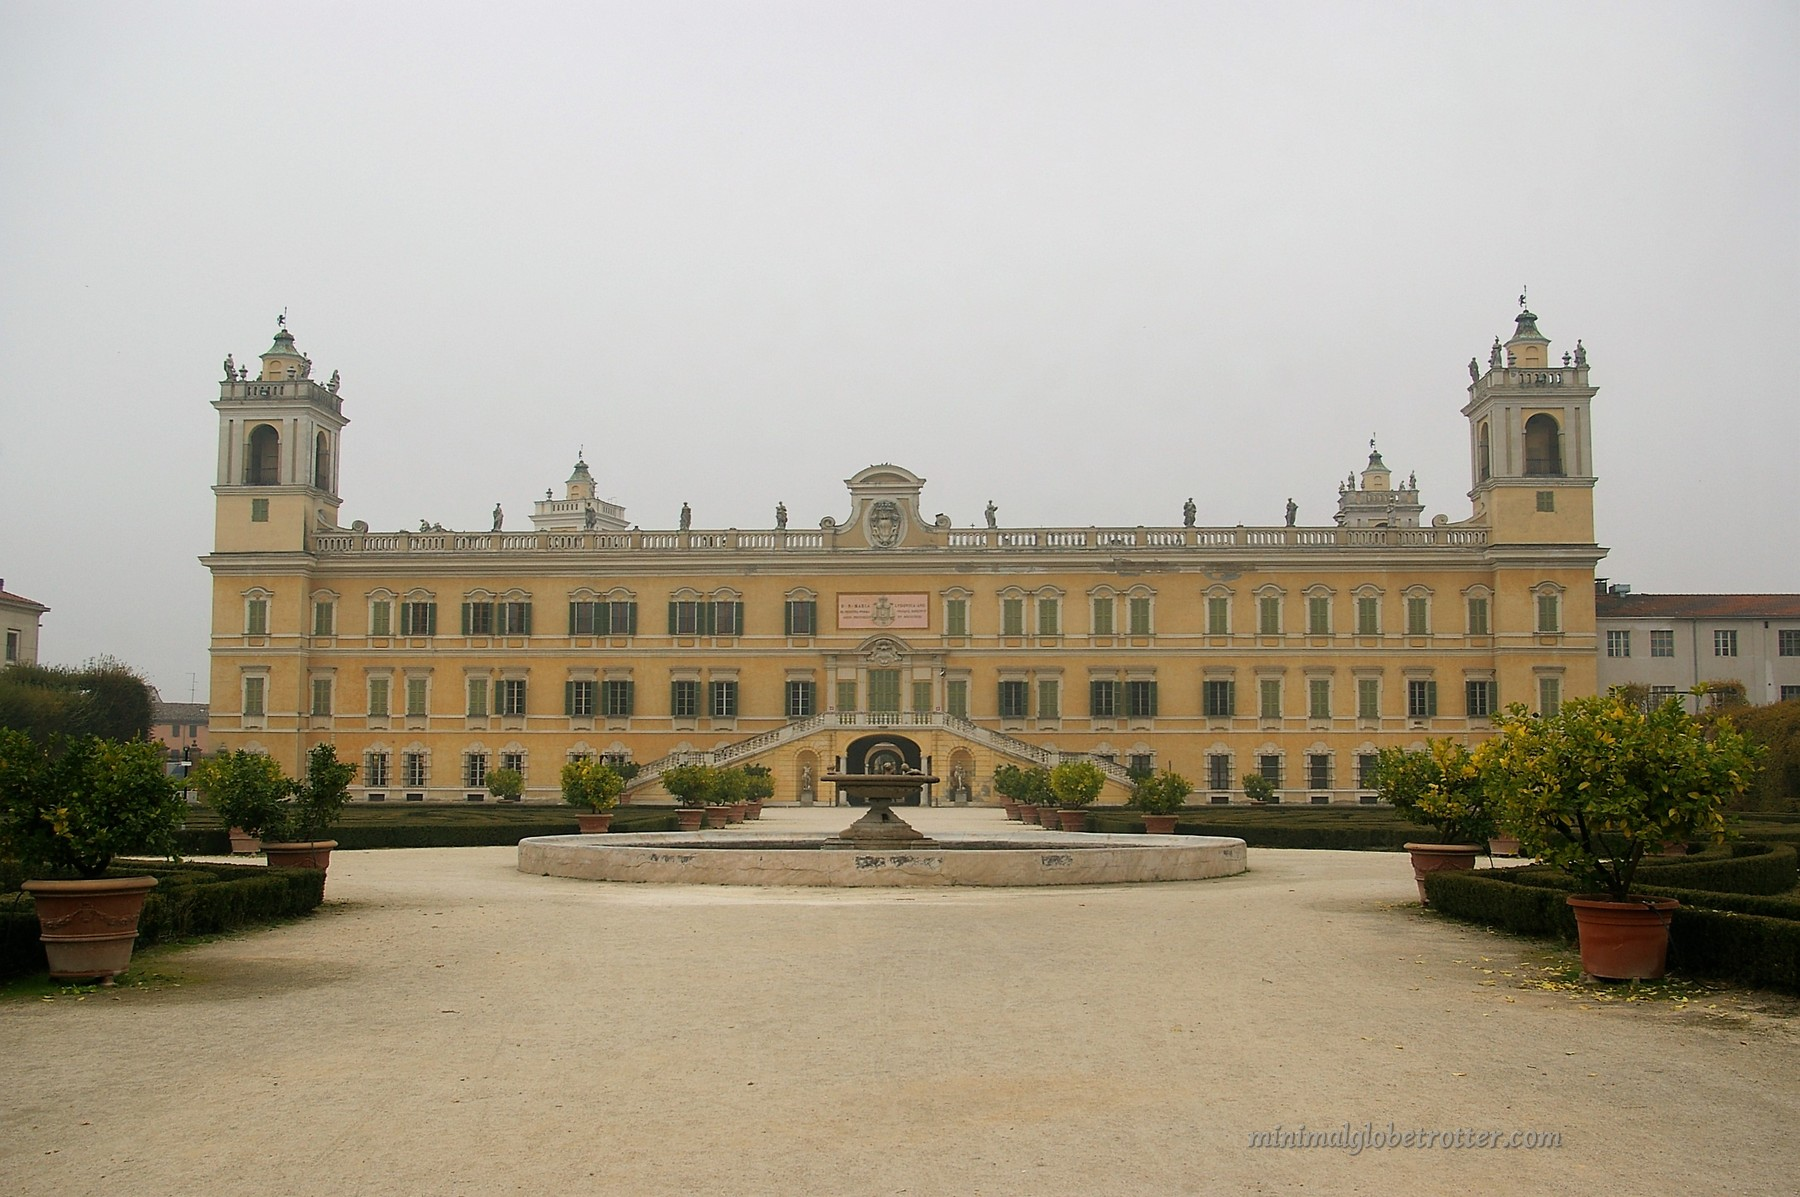 Castelli di Parma e Piacenza Reggia di Colorno veduta